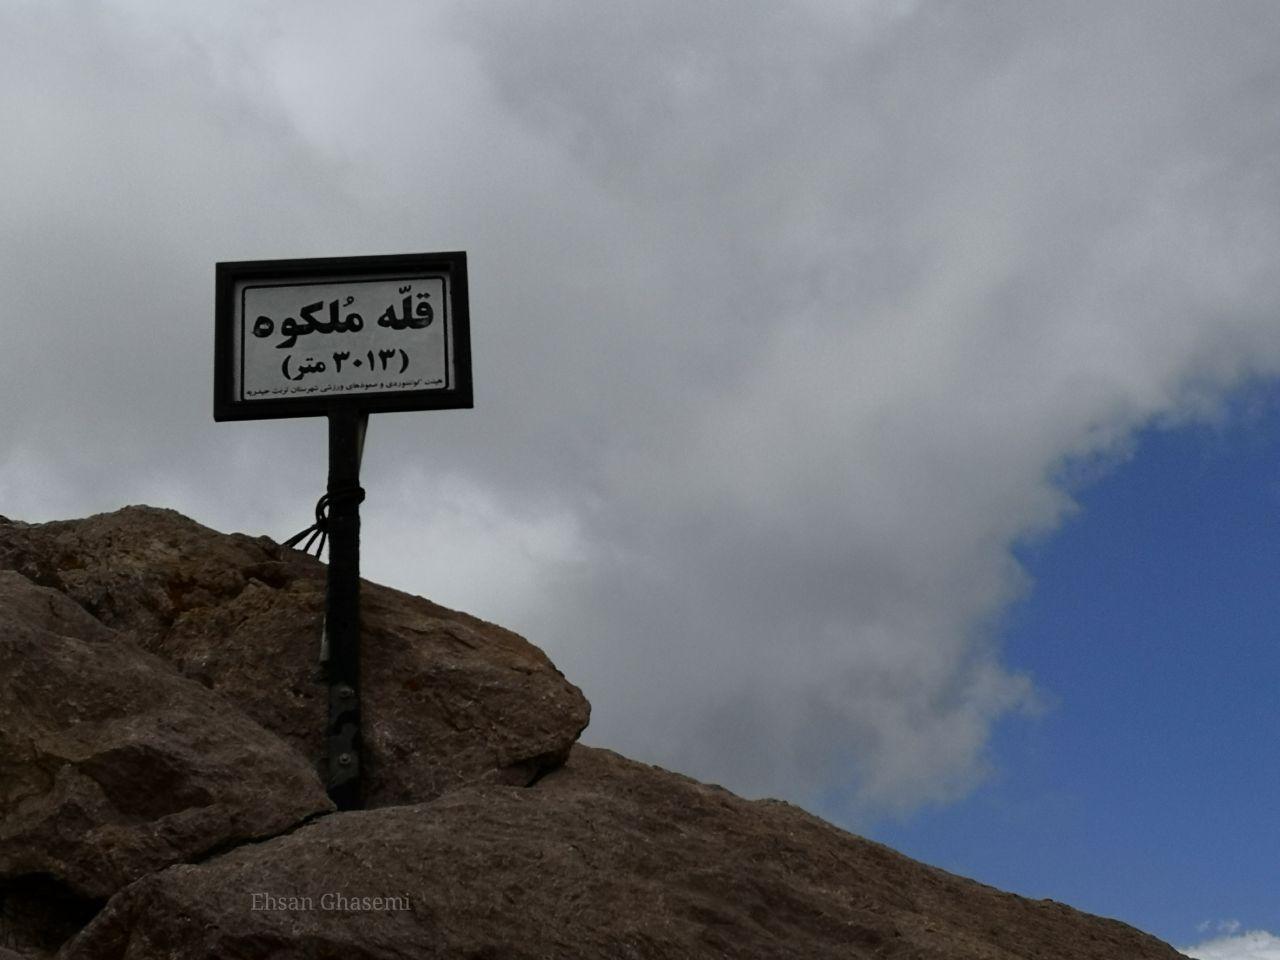 """72 ساعت بعد از حادثه سقوط در قله """"ملکوه"""" تربت حیدریه؛دختر کوهنورد همچنان در کماست"""